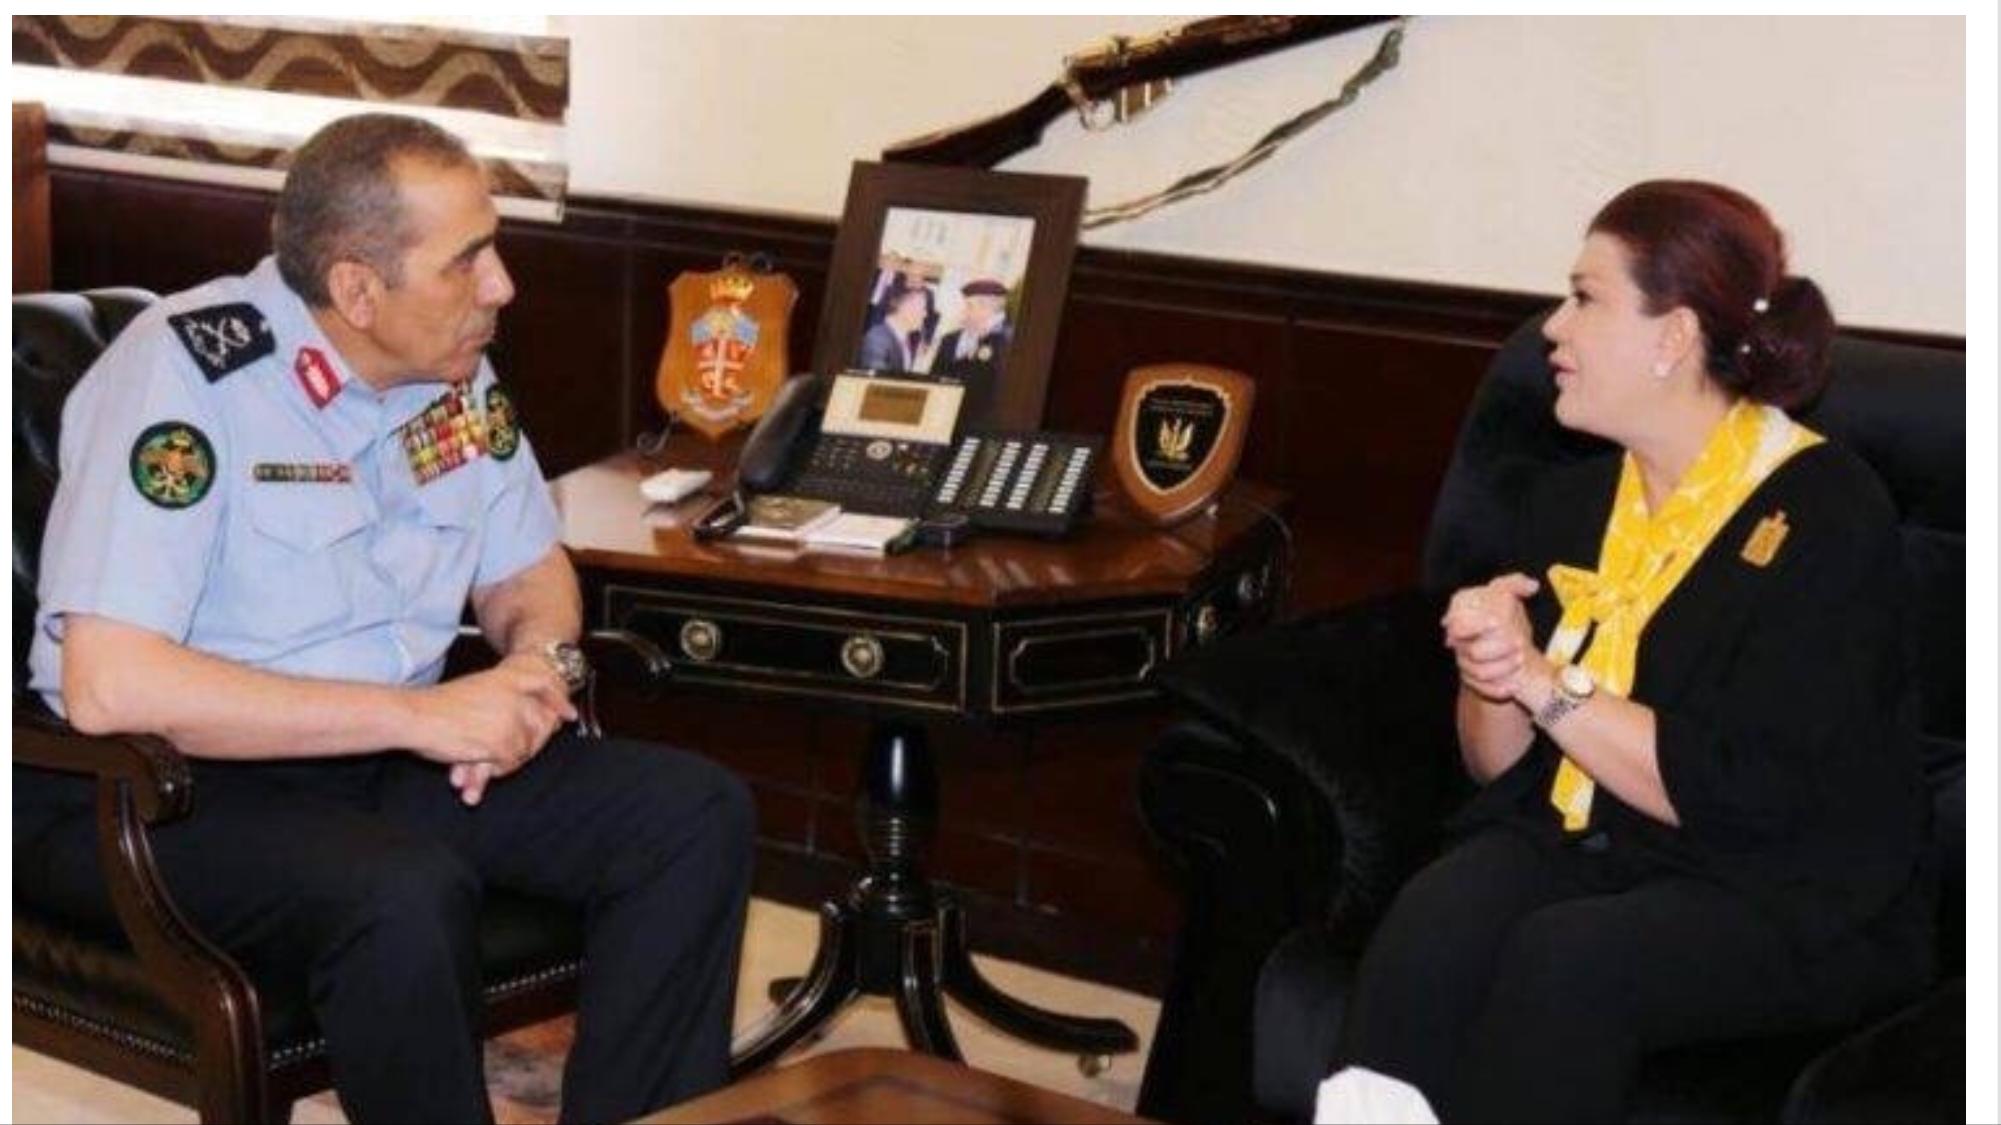 مدير الامن العام الاردني: العراقيون في الاردن احبة واهل بيت